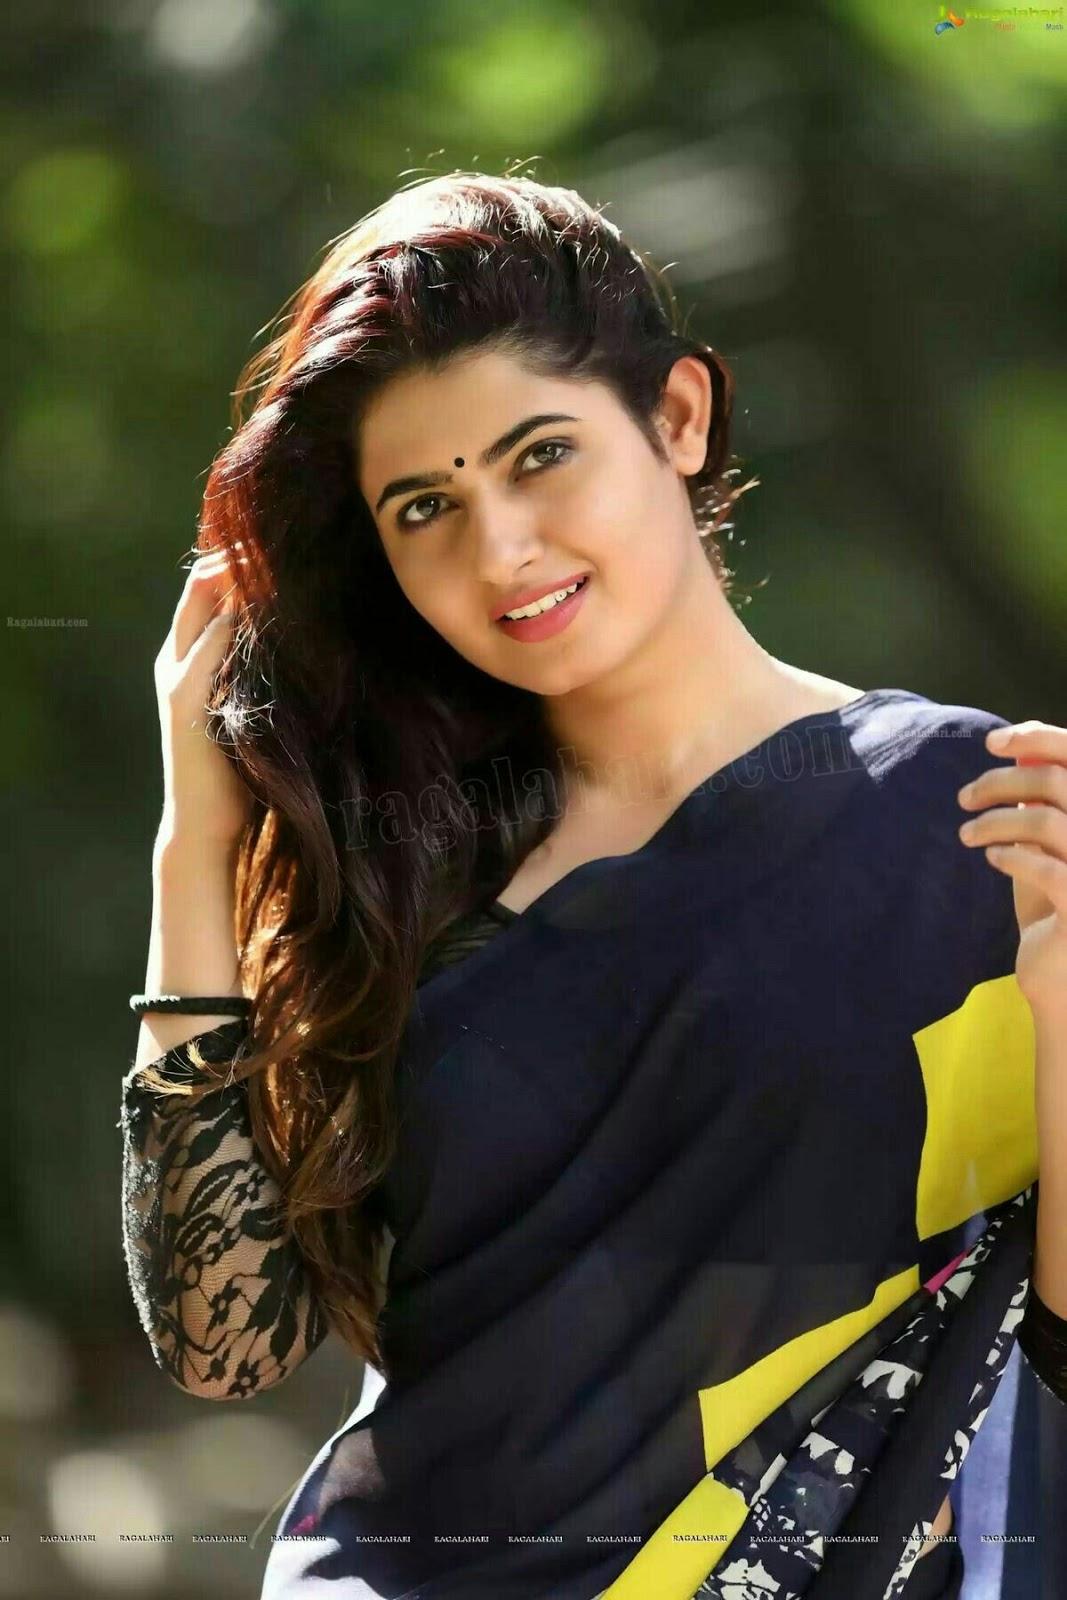 Top 10 Beautiful Girls In Saree | Hot girl in Saree HD